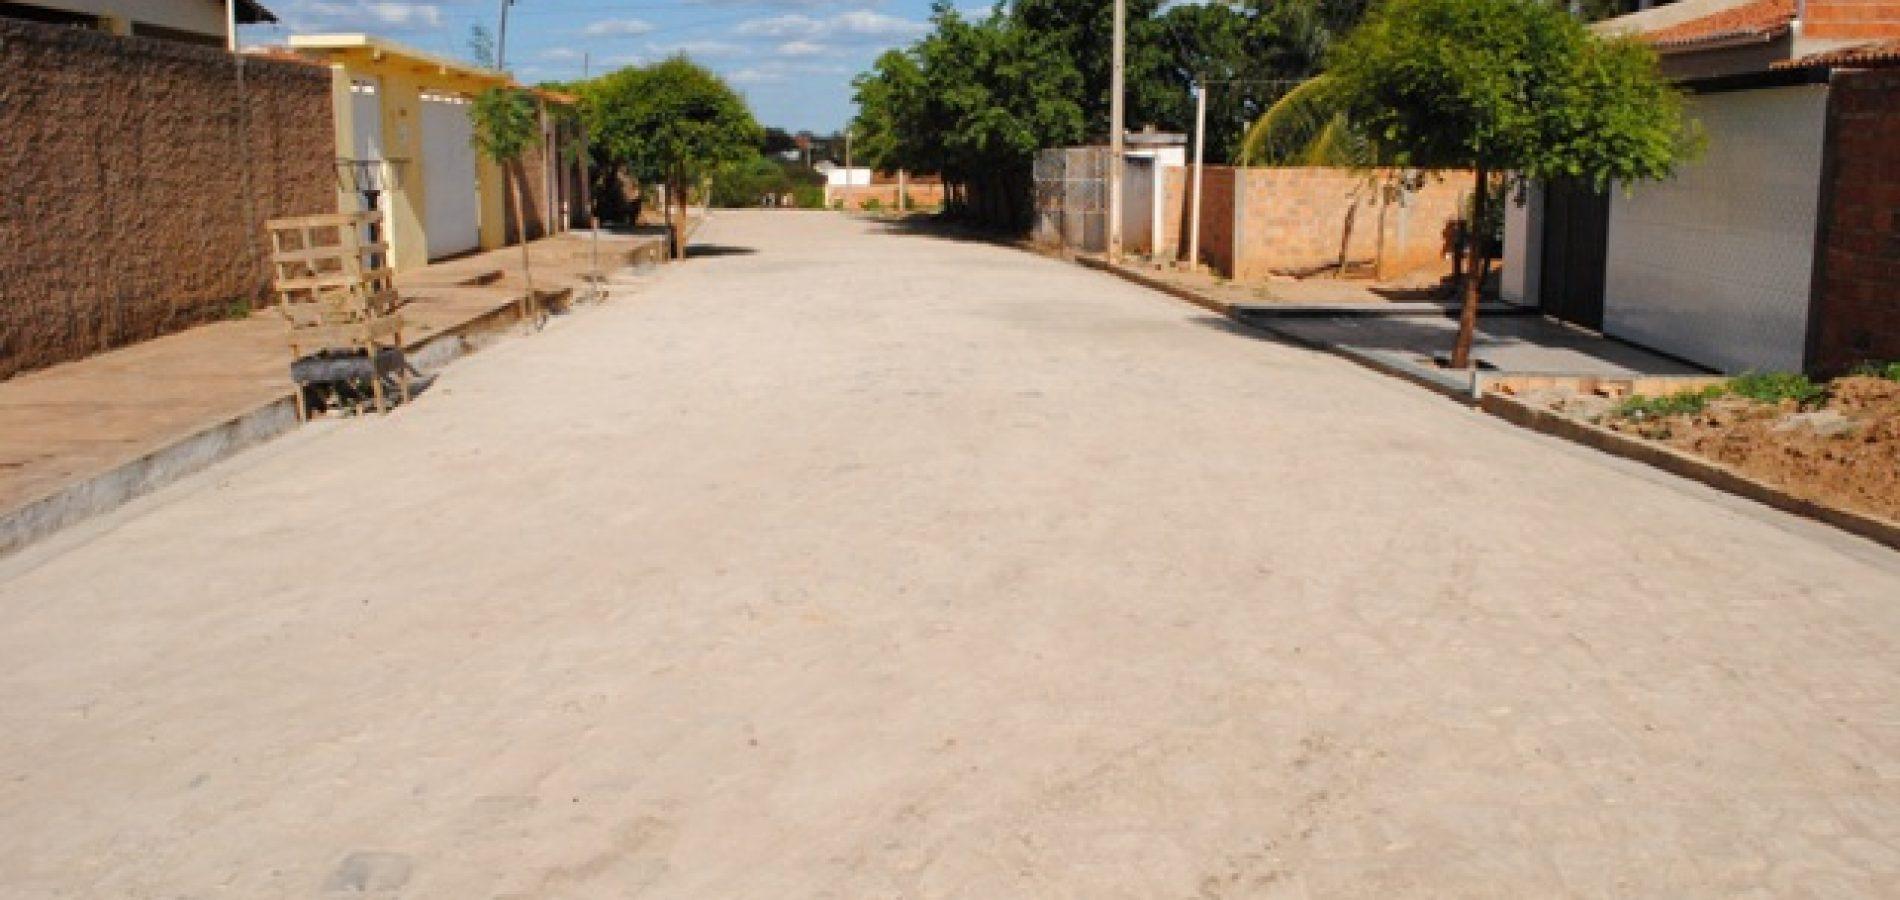 Mulher é assaltada na calçada de estabelecimento comercial em Picos